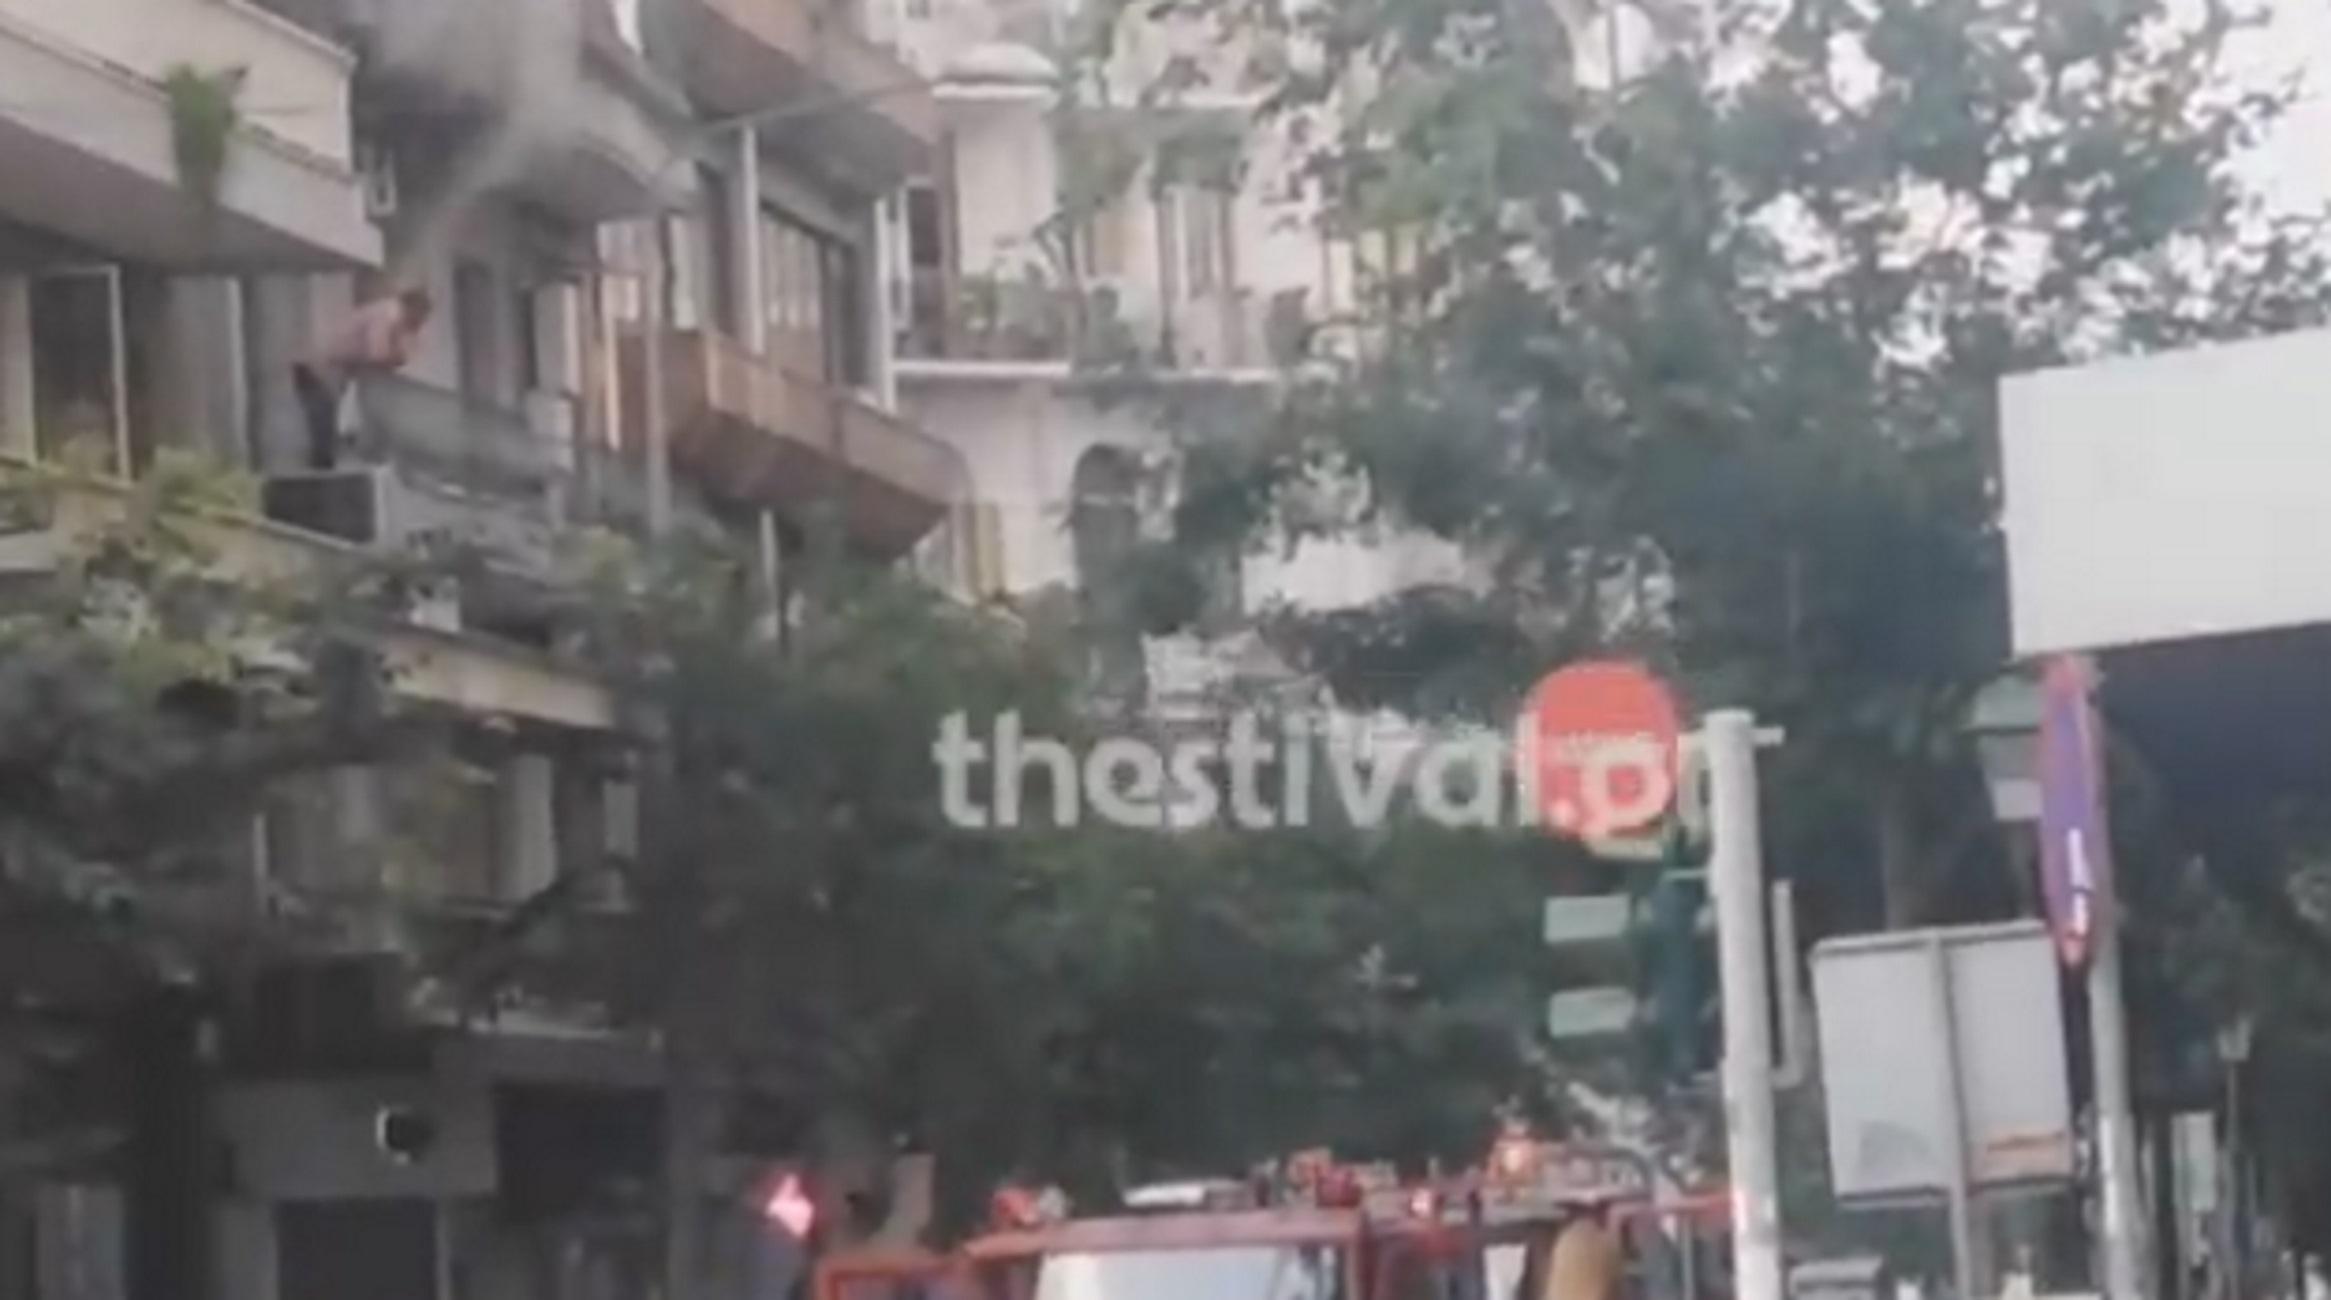 Θεσσαλονίκη: Βγήκε στο μπαλκόνι και σώθηκε από τη φωτιά στο σπίτι του – Τα δευτερόλεπτα πανικού